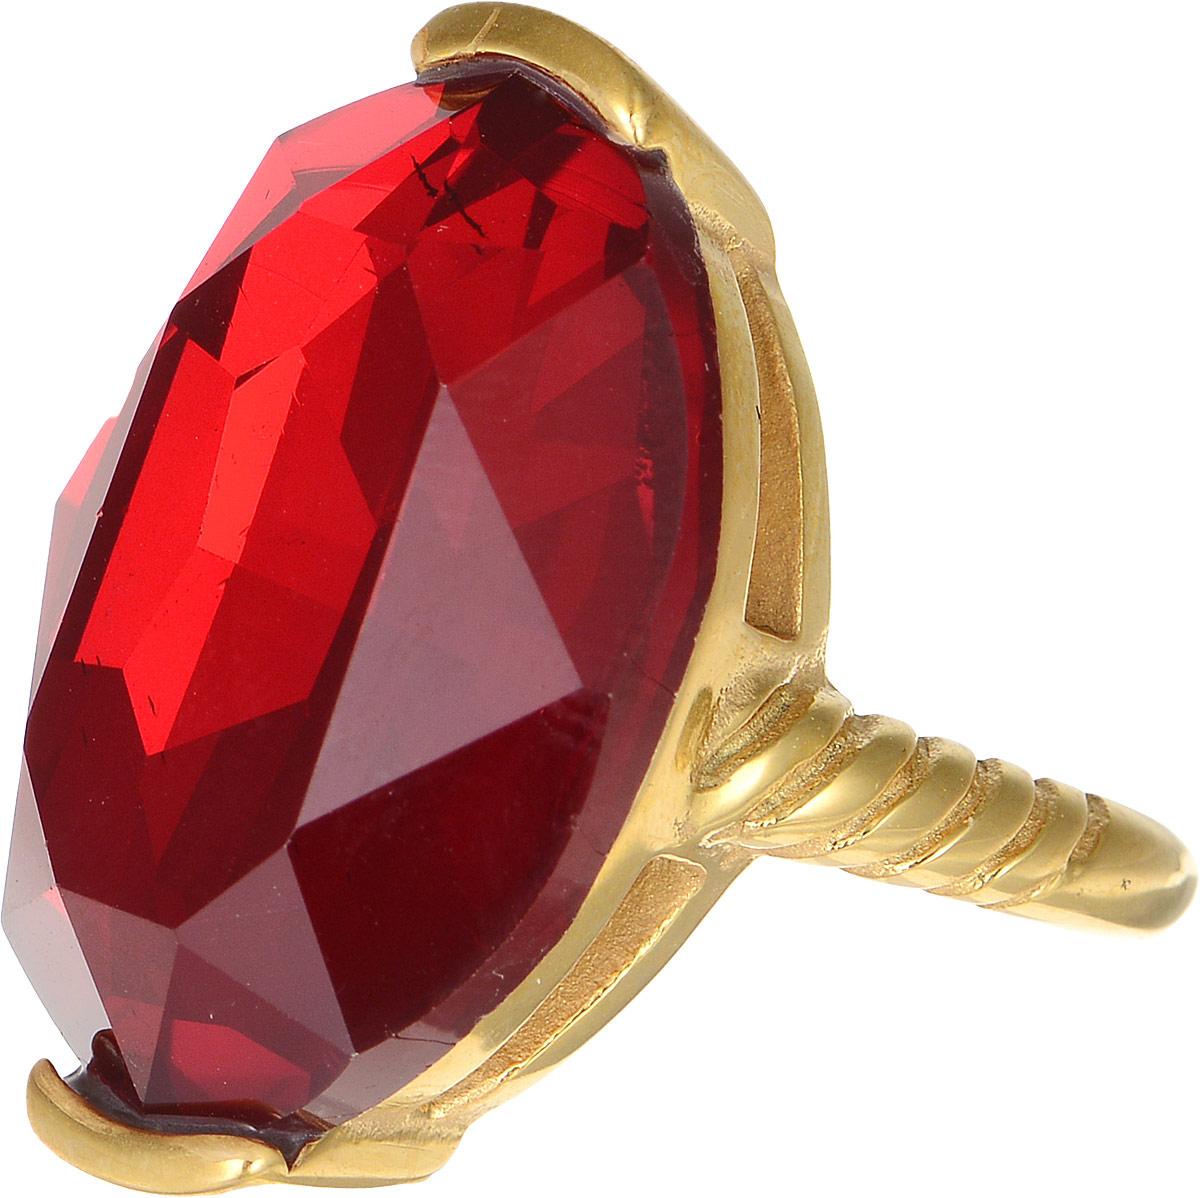 Кольцо Polina Selezneva, цвет: золотистый, красный. DG-0029. Размер 19Коктейльное кольцоОригинальное кольцо Polina Selezneva выполнено из металлического сплава. Оформлено изделие вставкой из хрустального стекла. Такое кольцо это блестящее завершение вашего неповторимого, смелого образа и отличный подарок для ценительницы необычных украшений!